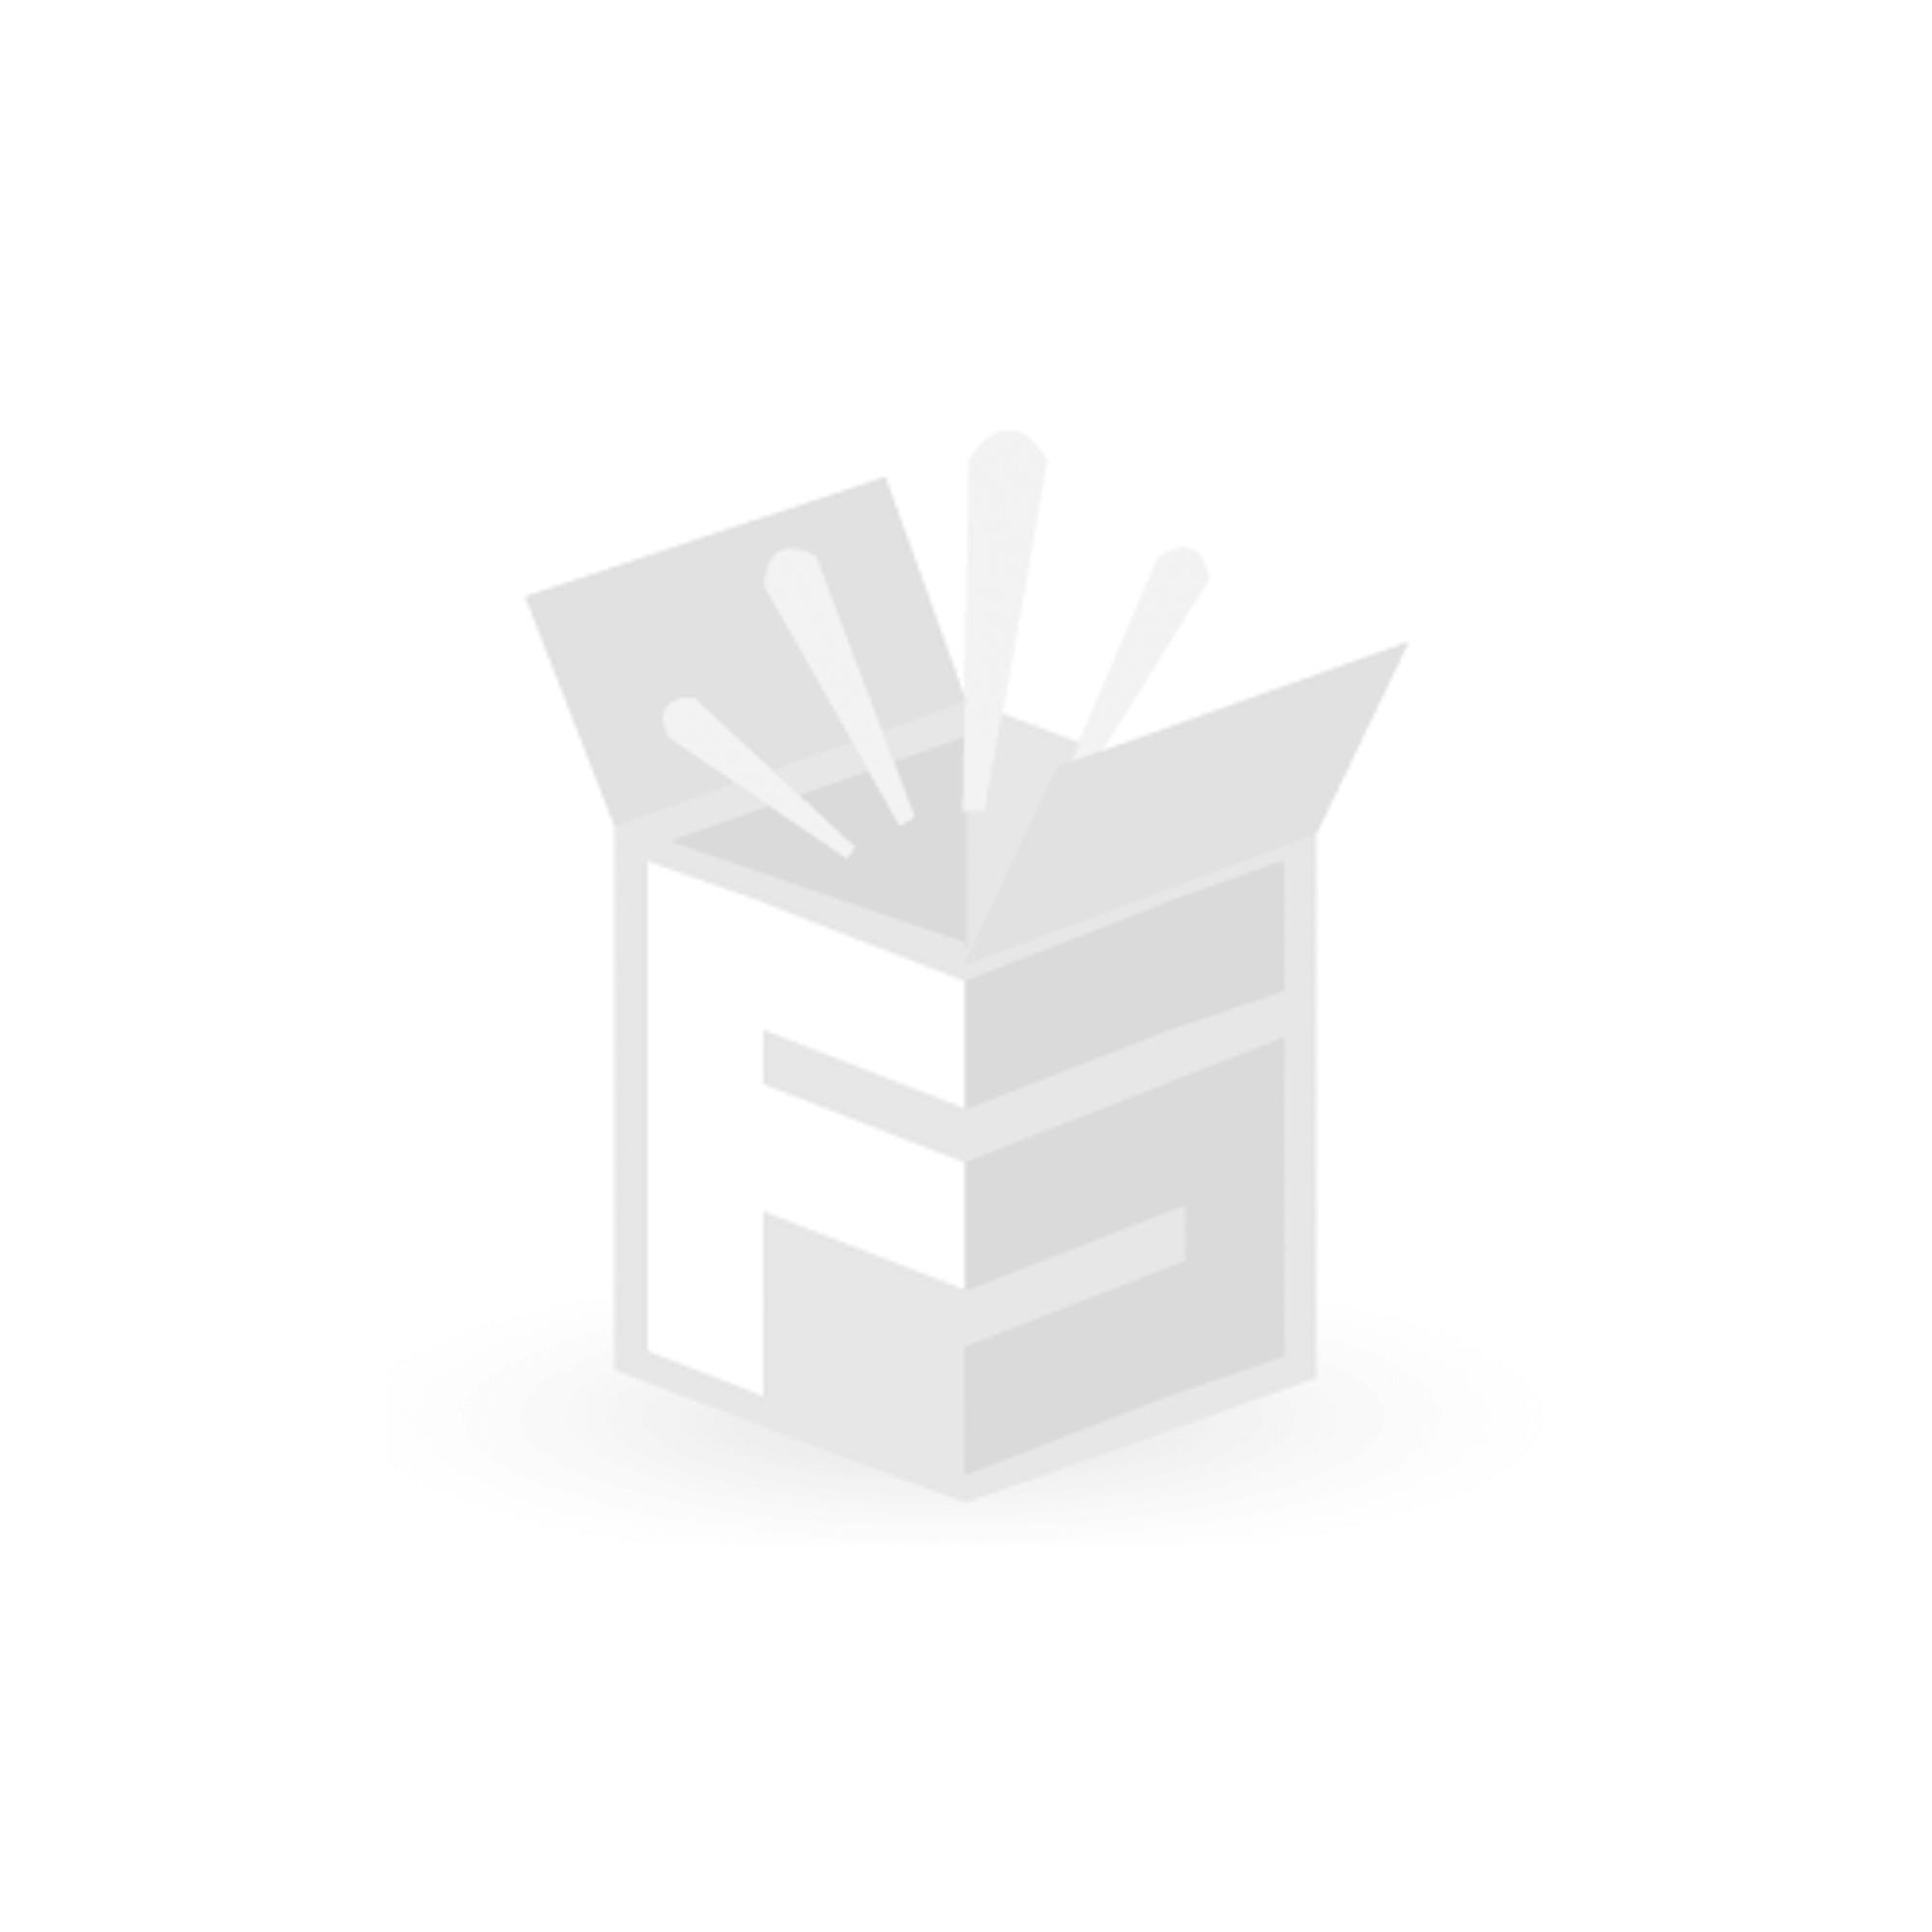 Braun Rasoir Série 7 spécial pack incl. une montre Braun